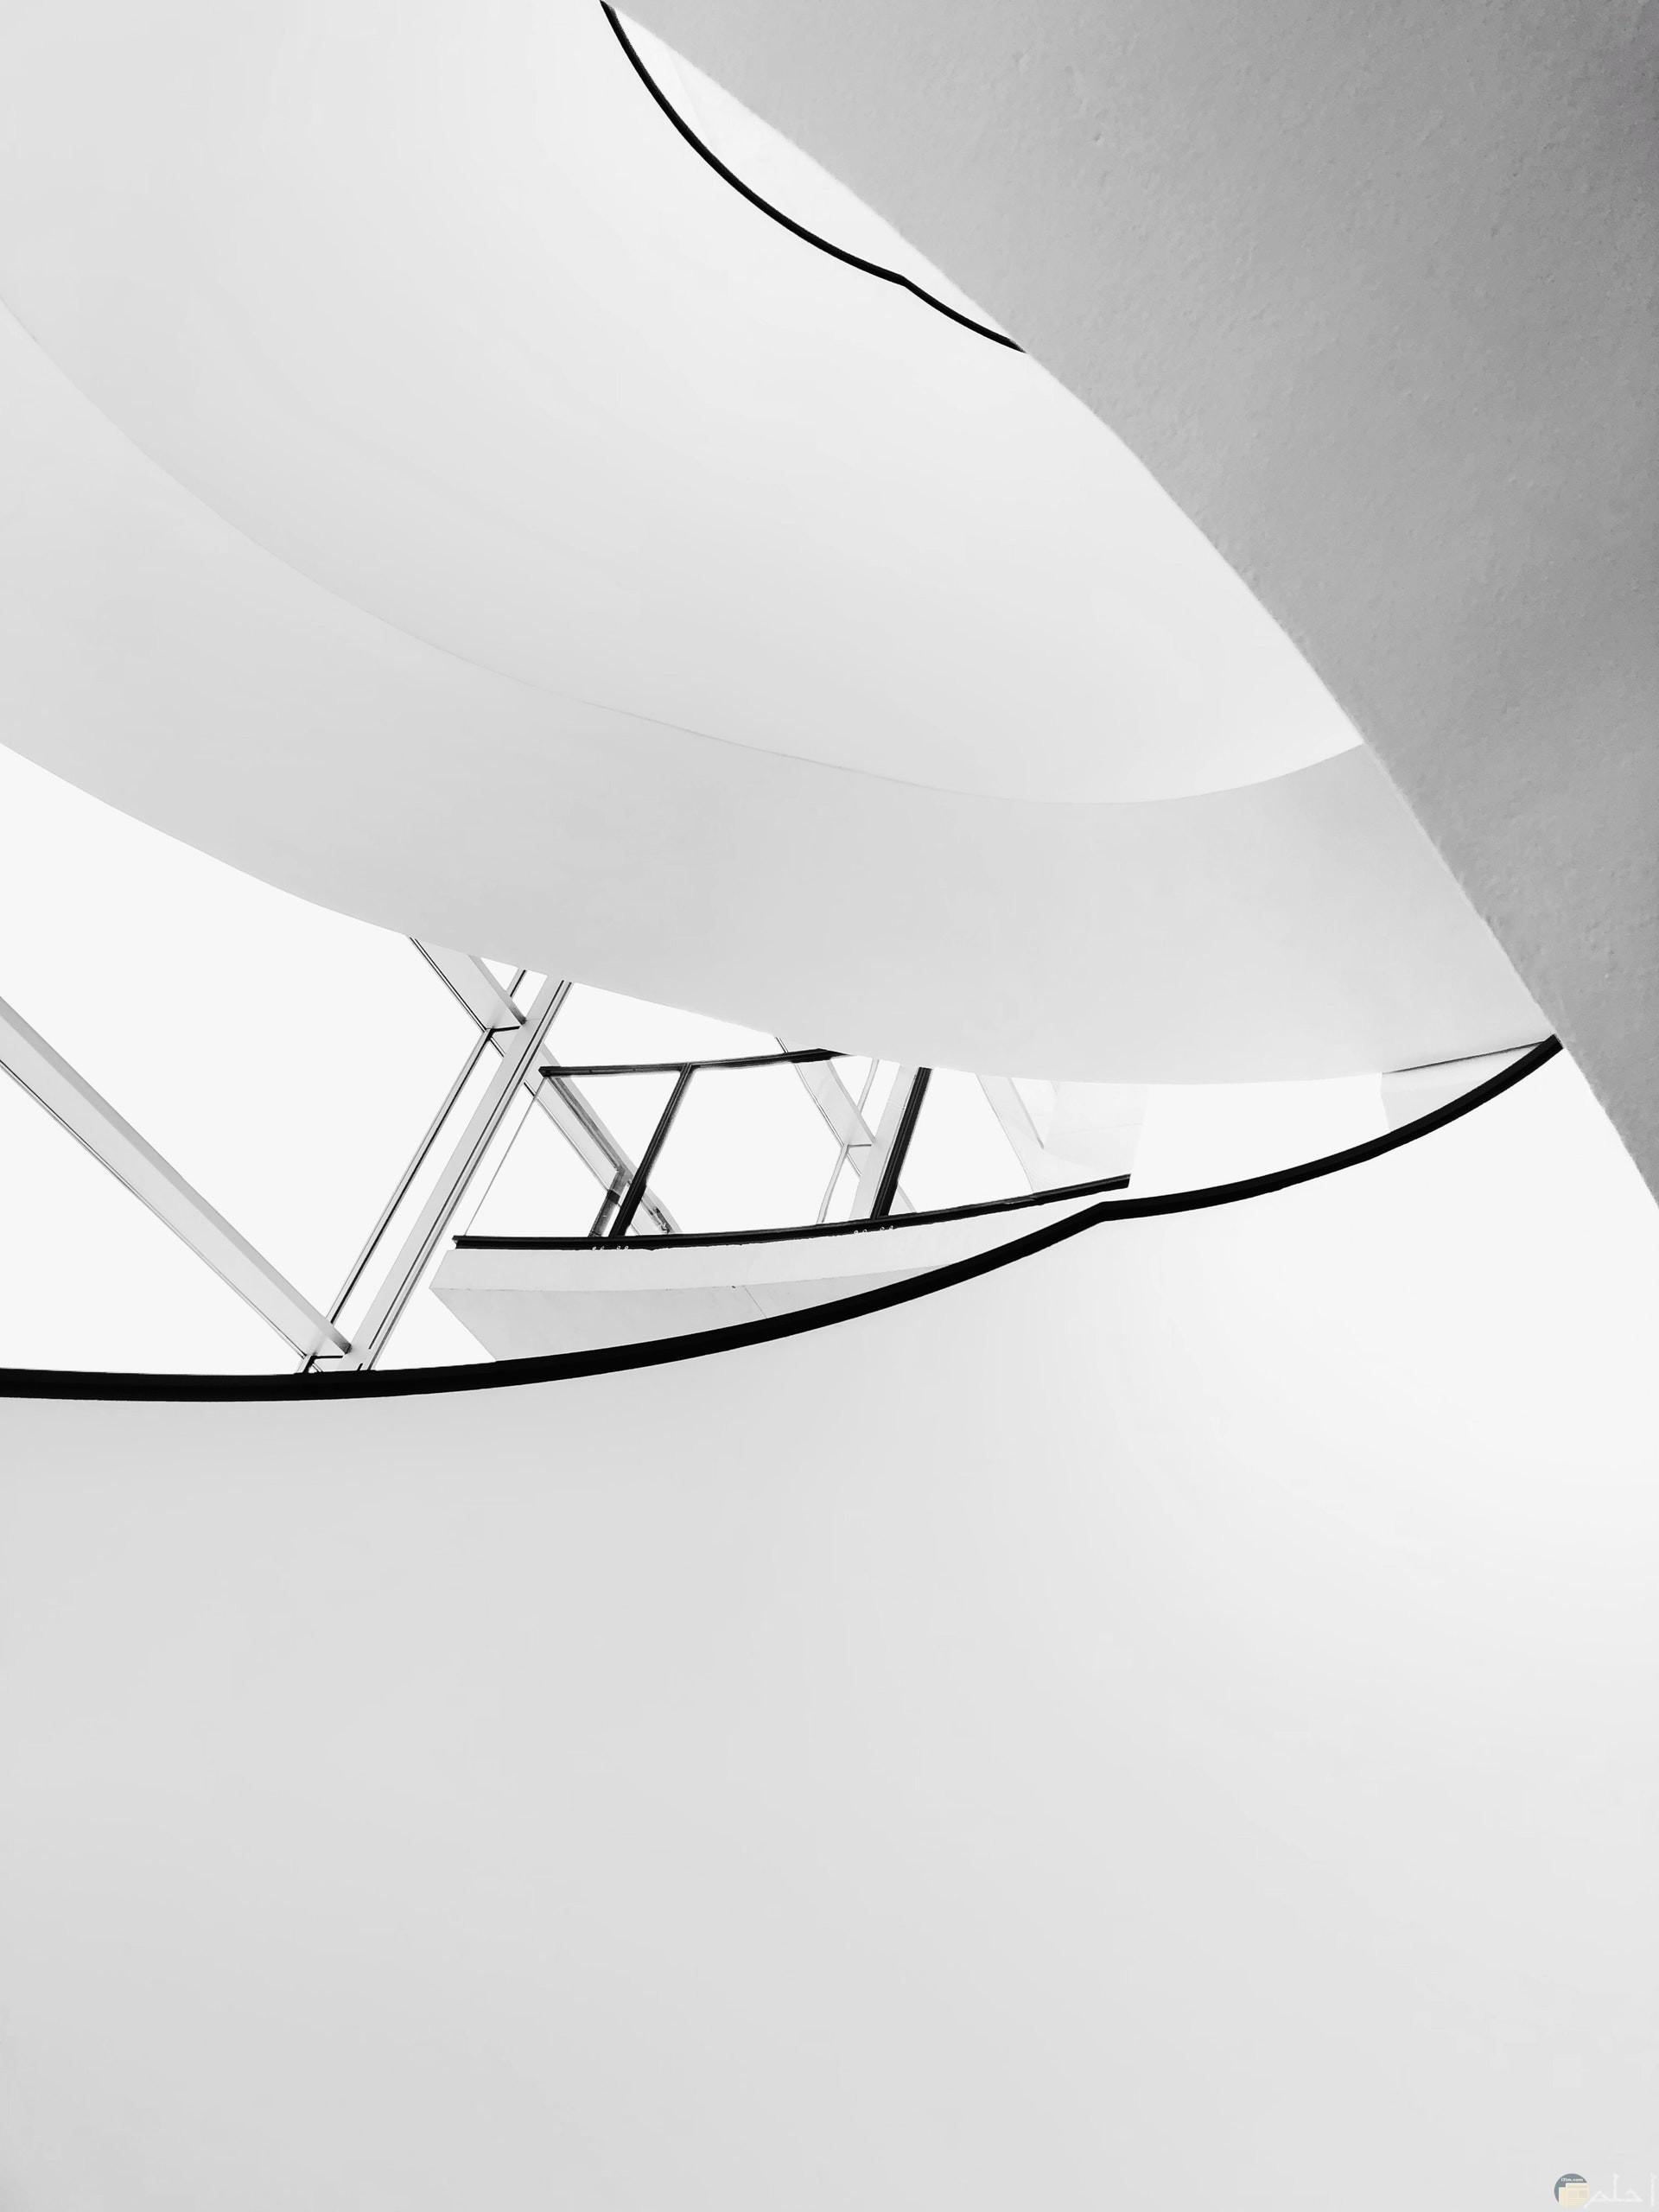 صورة عجيبة جدا لأحد التصاميم باللون الأببض والأسود